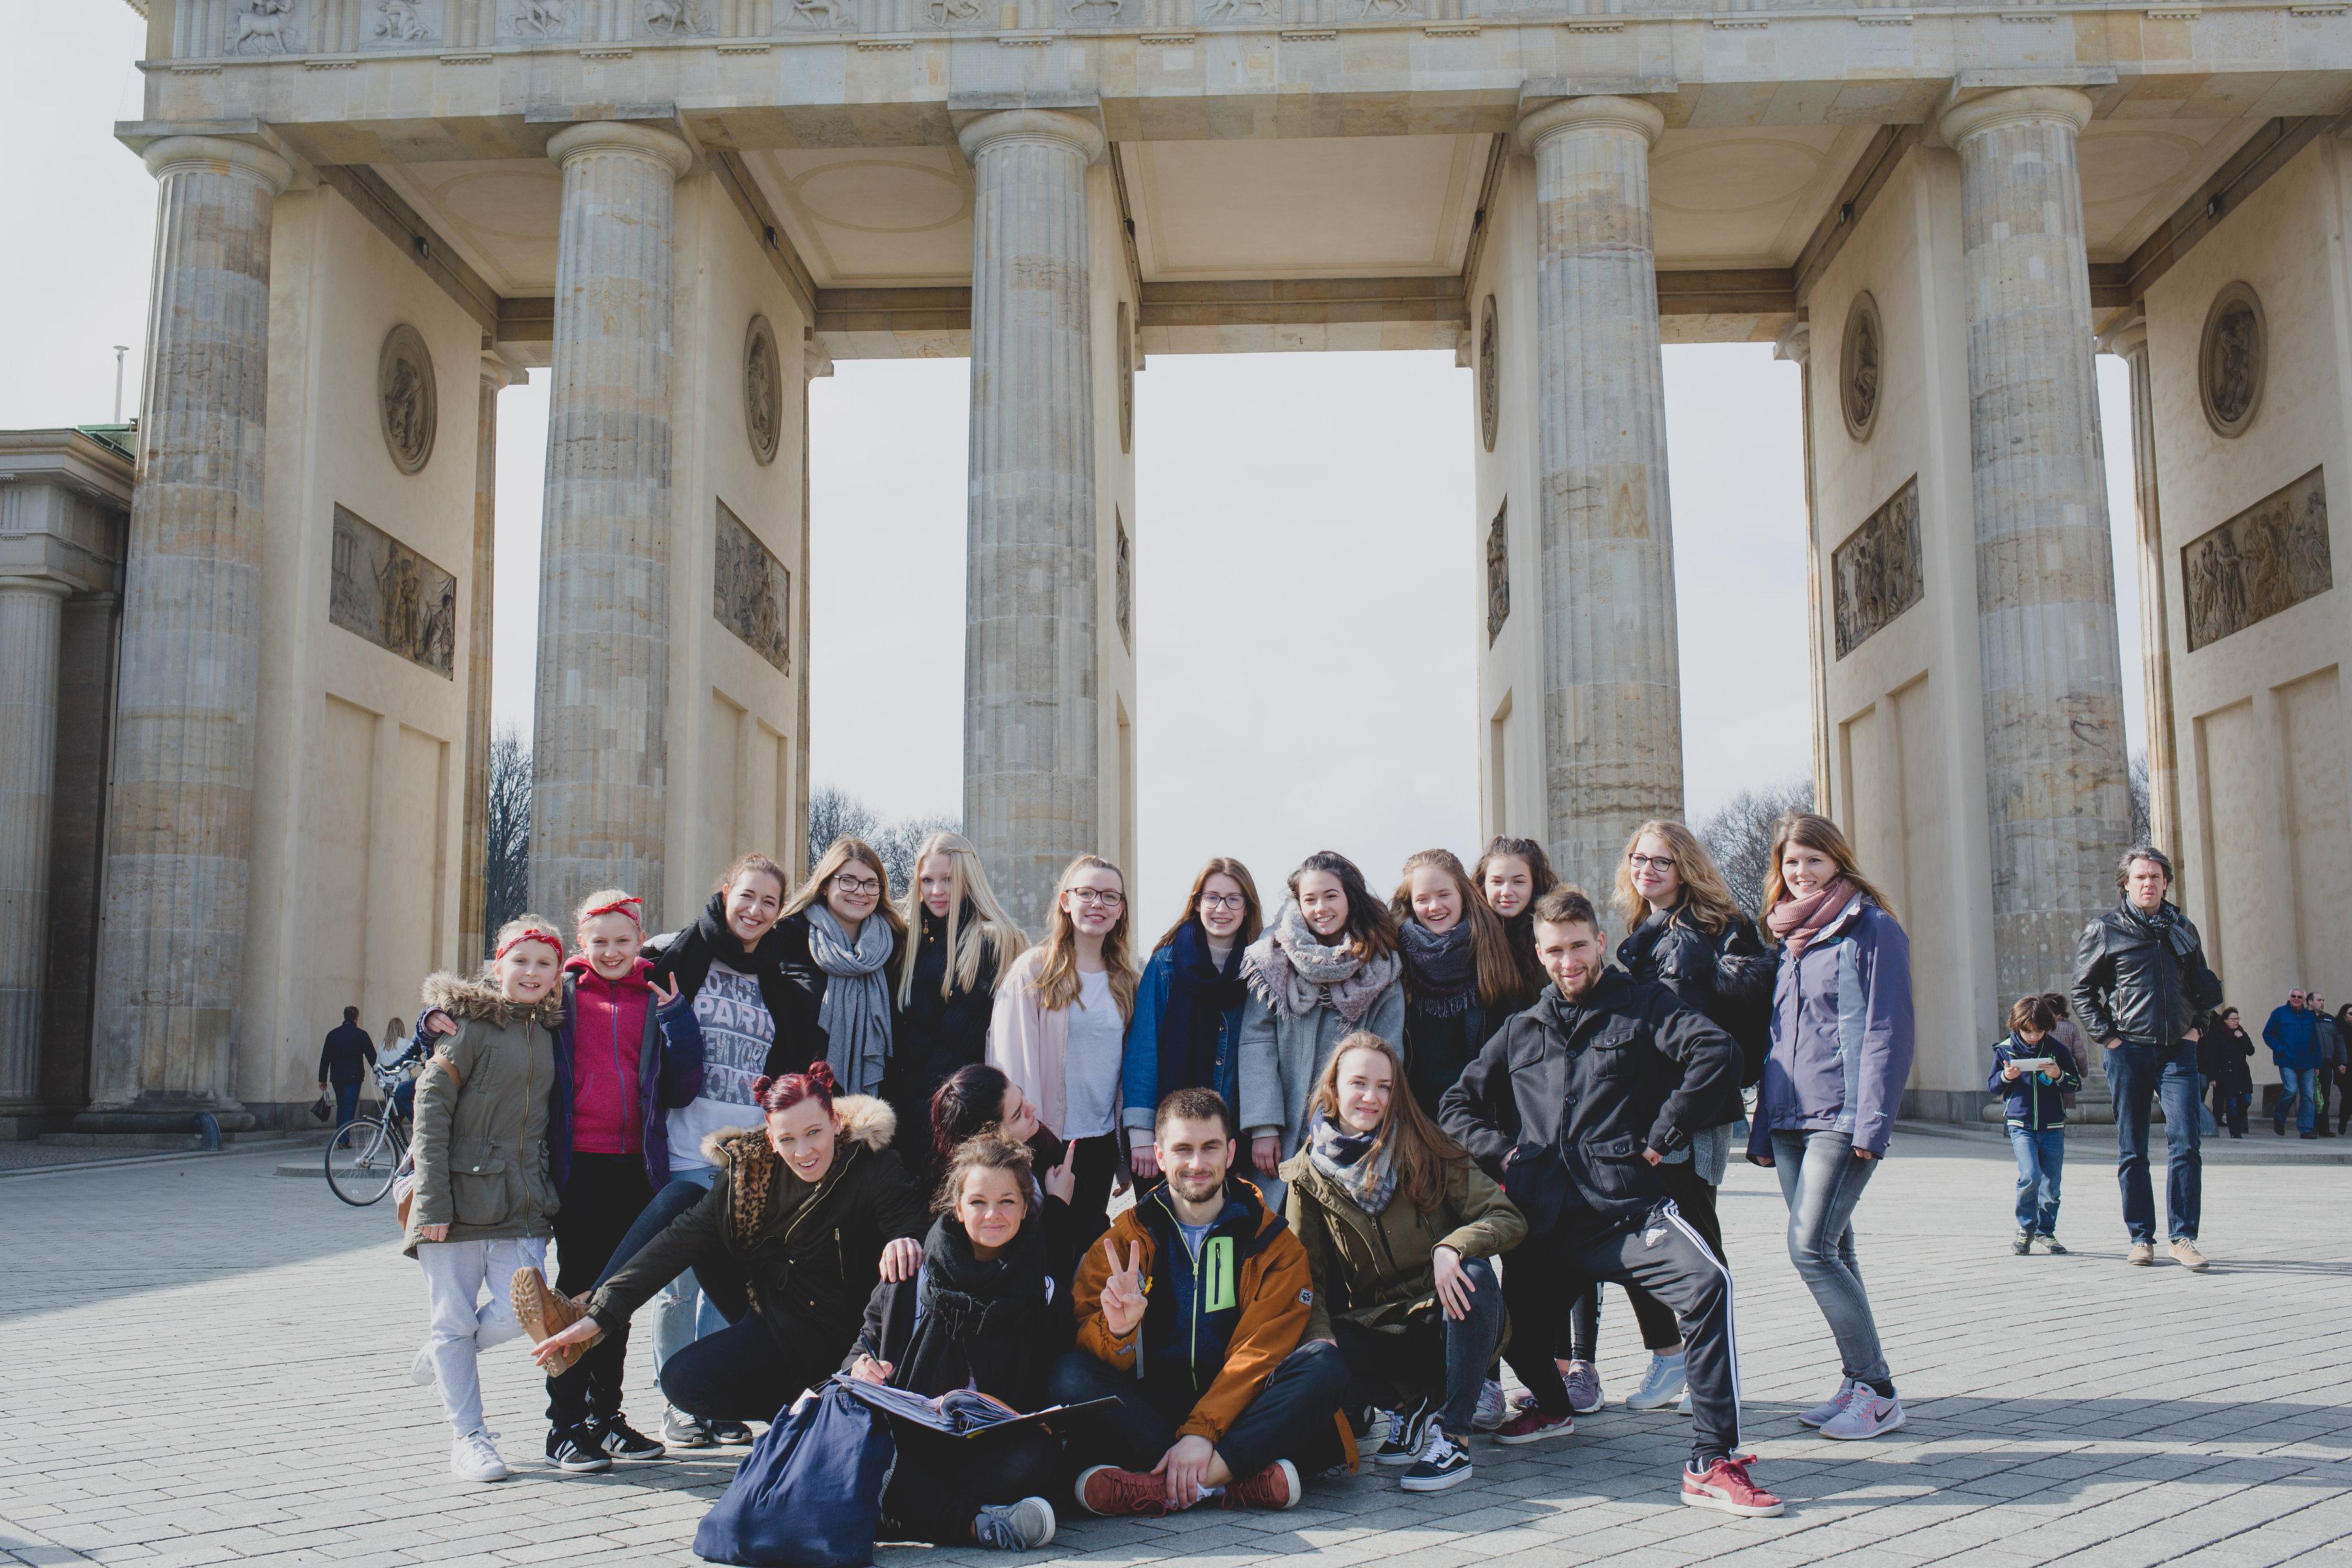 CS_juzelohr-berlin-245